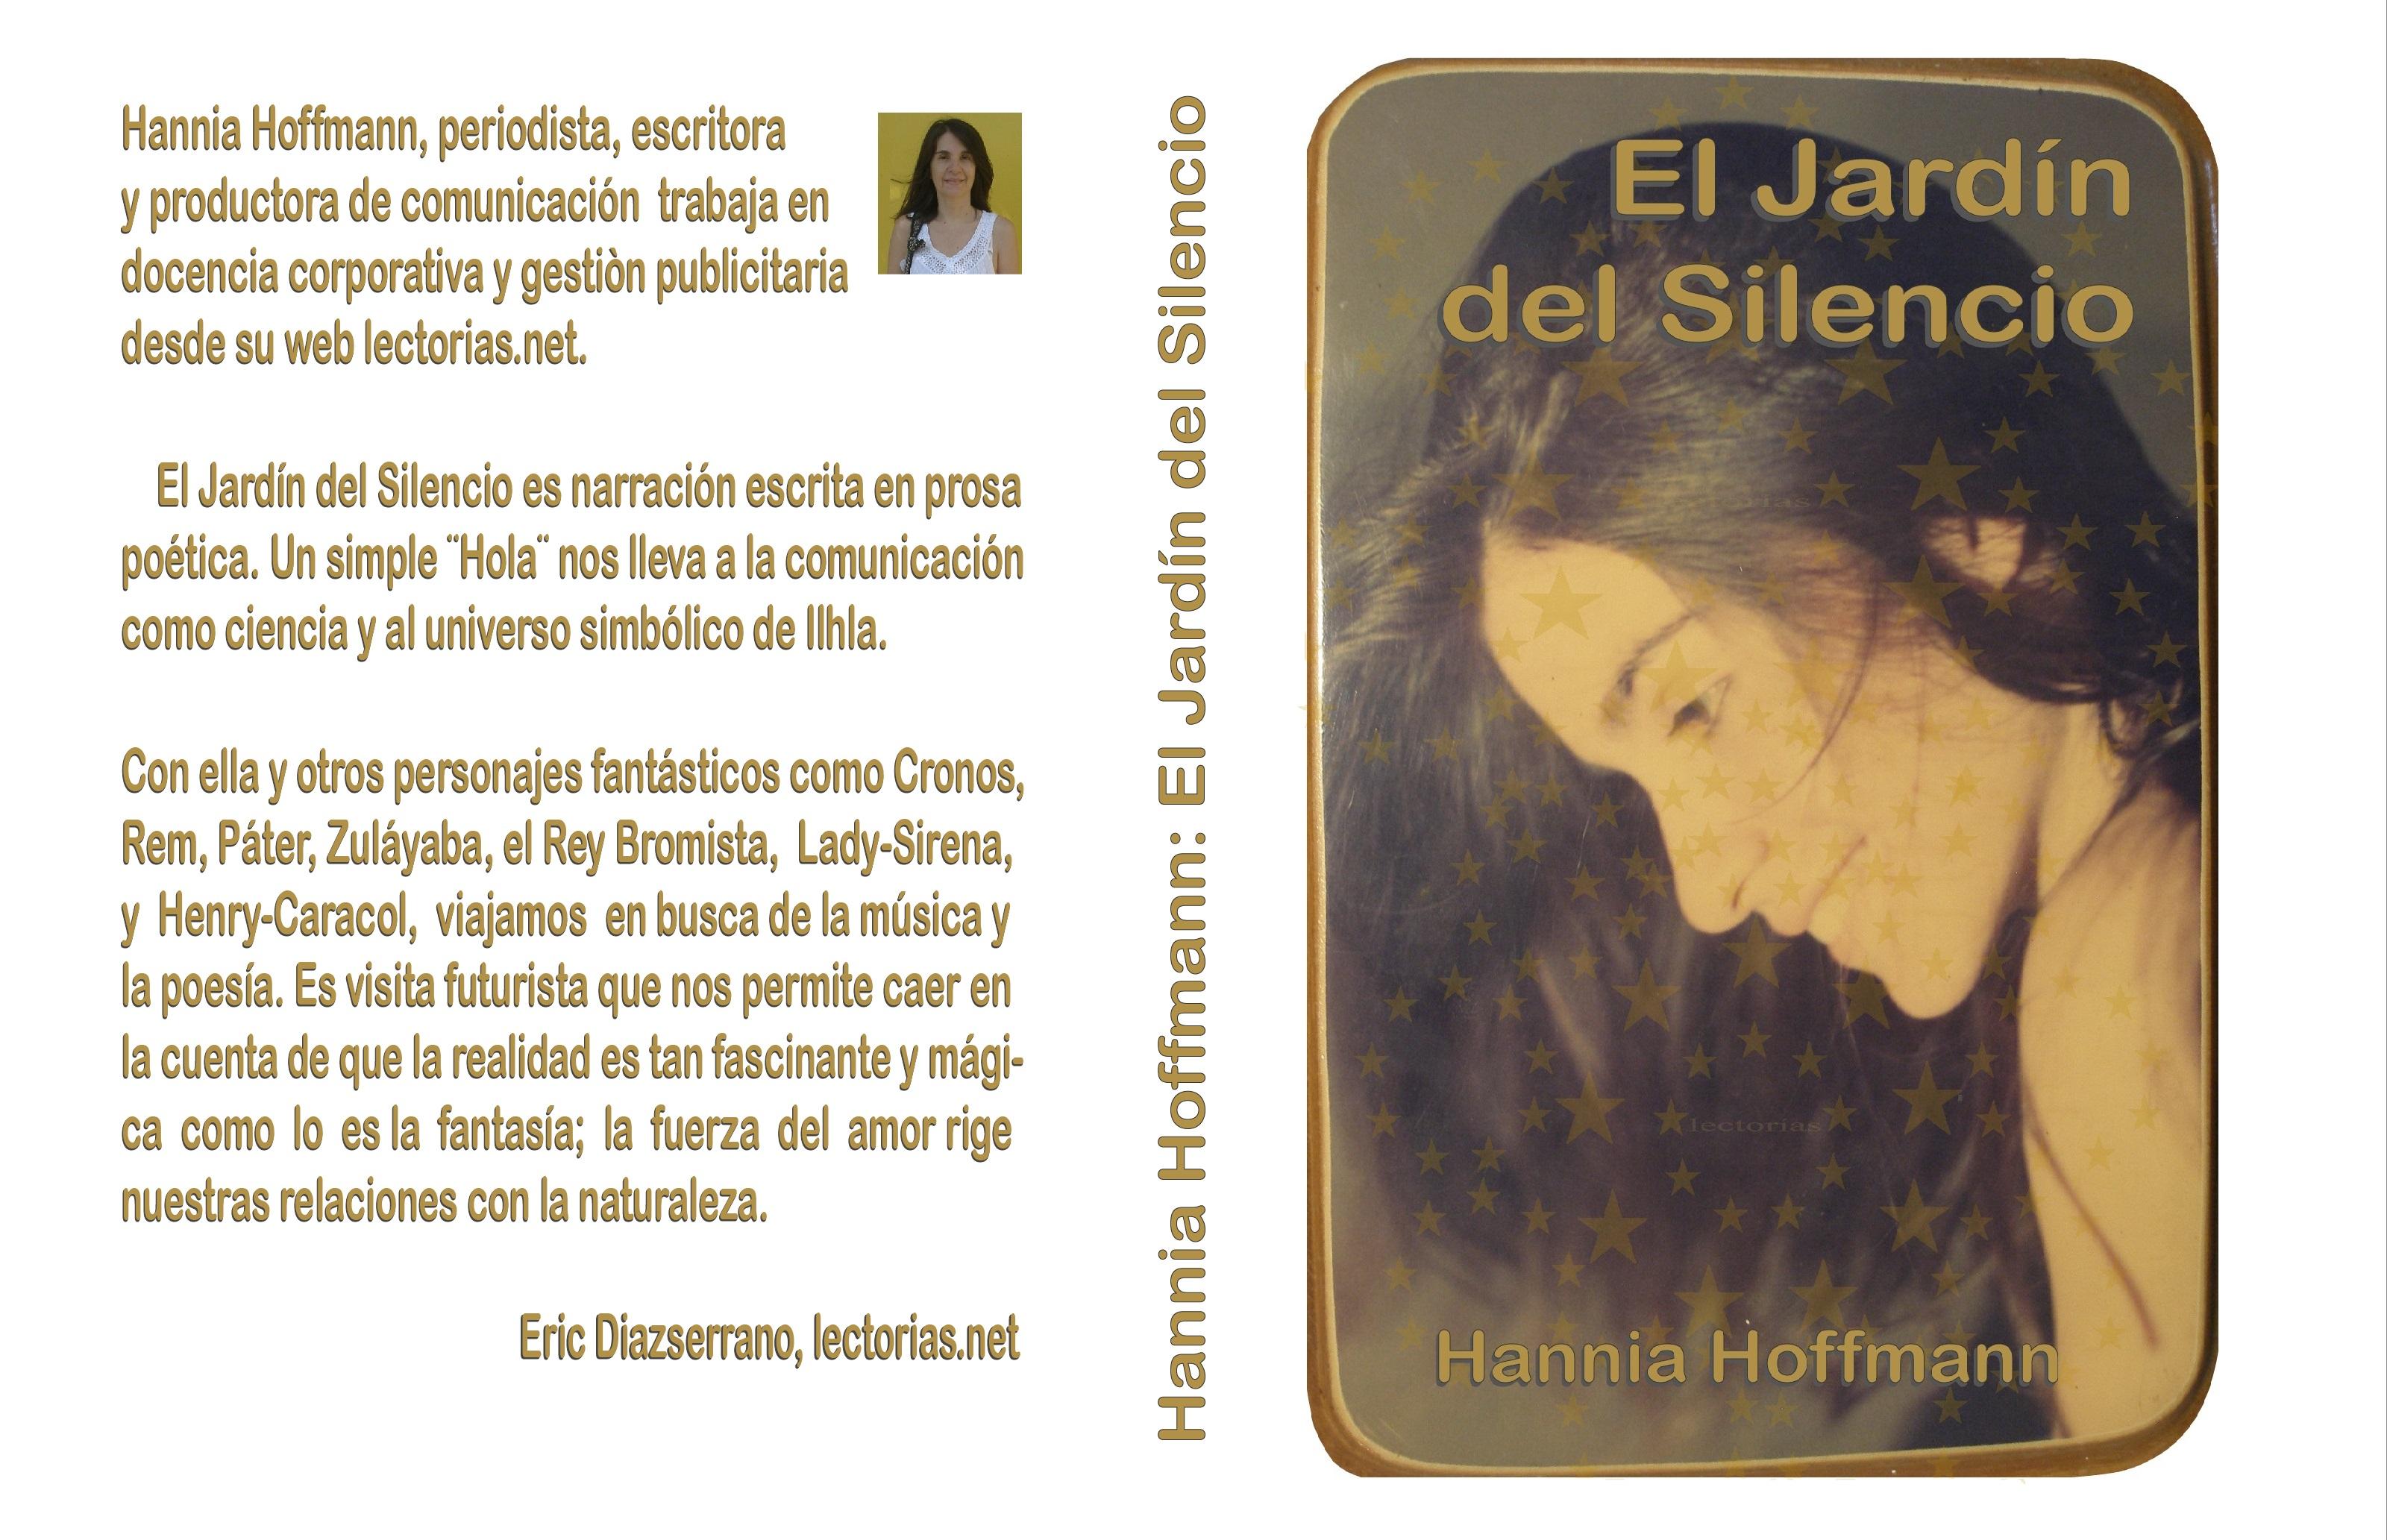 El Jardín del Silencio; prosa poética, el desarrollo del pensamiento, creatividad, facilita el estudio corporativo.